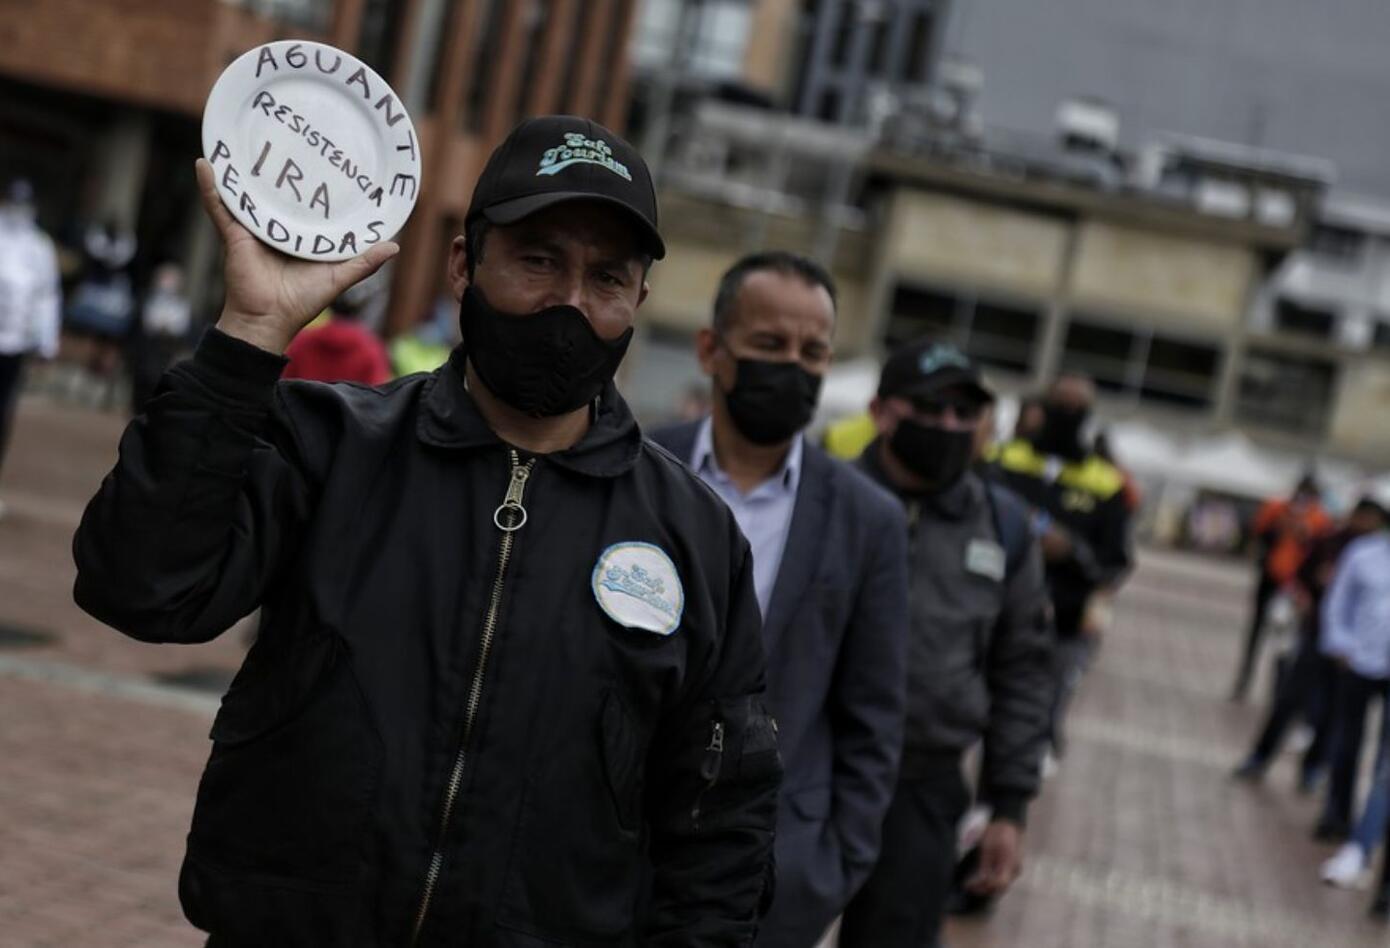 Romper platos, la protesta de Asobares contra restricciones por pandemia